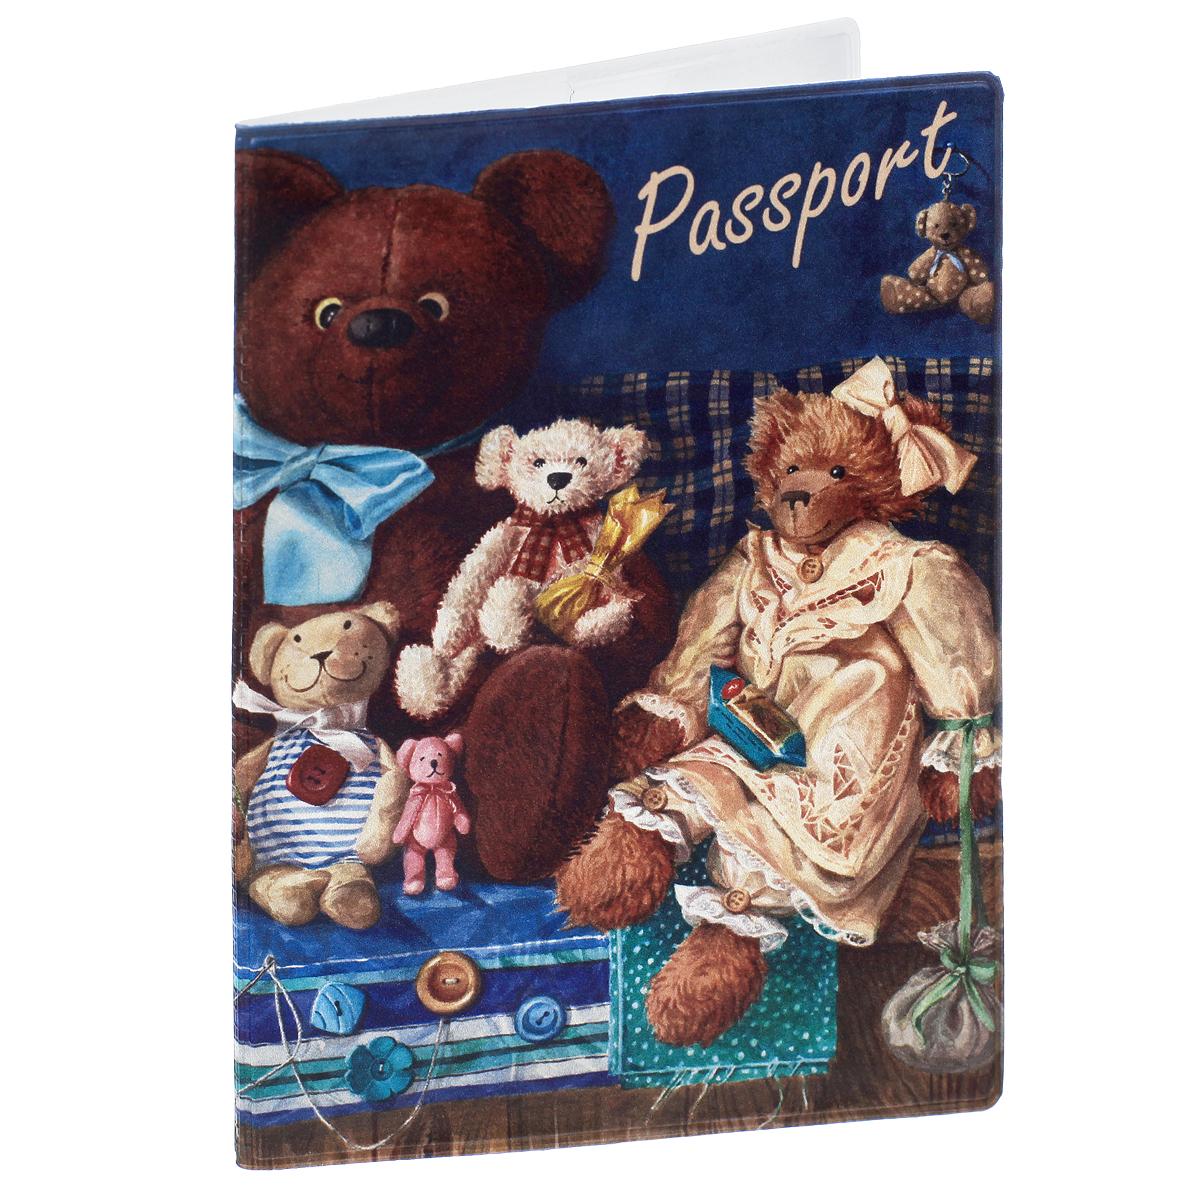 Обложка для паспорта Медведи, цвет: коричневый. 3567835678Обложка для паспорта Медведи не только поможет сохранить внешний вид ваших документов и защитить их от повреждений, но и станет стильным аксессуаром, идеально подходящим вашему образу. Обложка выполнена из поливинилхлорида и оформлена оригинальным изображением плюшевых медведей. Внутри имеет два вертикальных кармана из прозрачного пластика. Такая обложка поможет вам подчеркнуть свою индивидуальность и неповторимость!